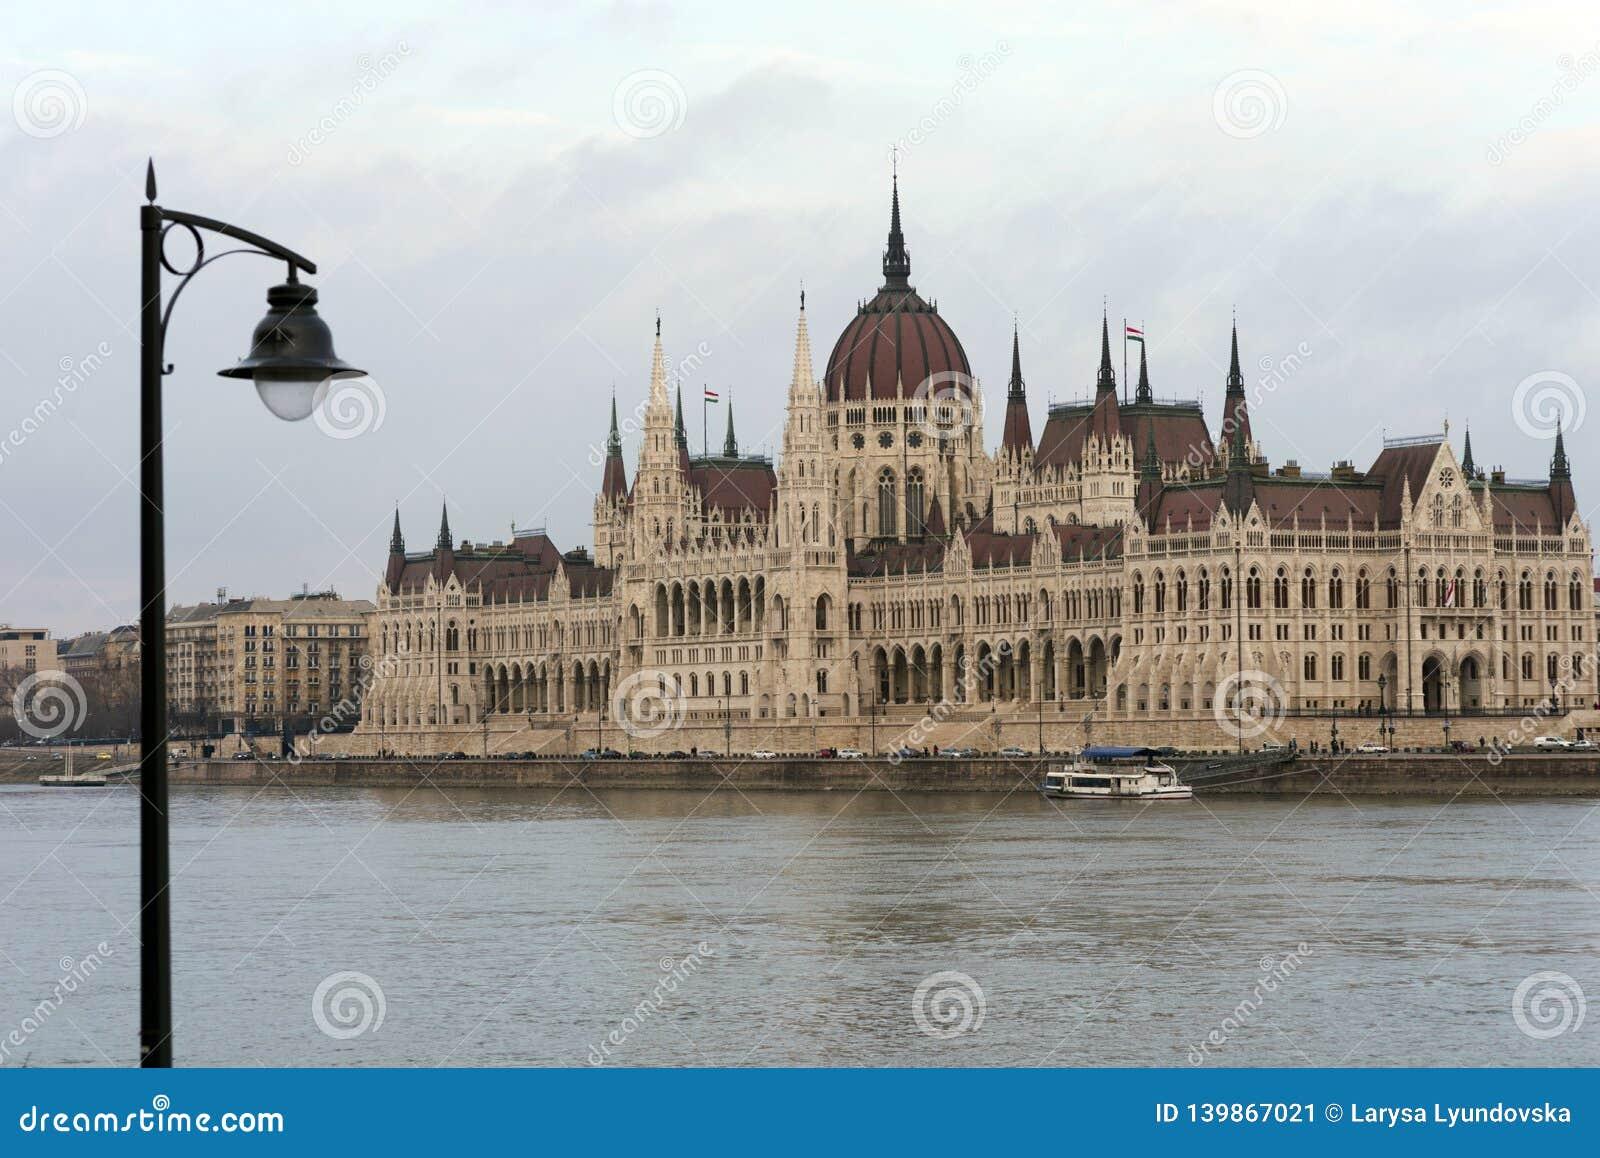 De bouw van het Hongaarse Parlement op de banken van de Donau in Boedapest is de belangrijkste aantrekkelijkheid van het Hongaars